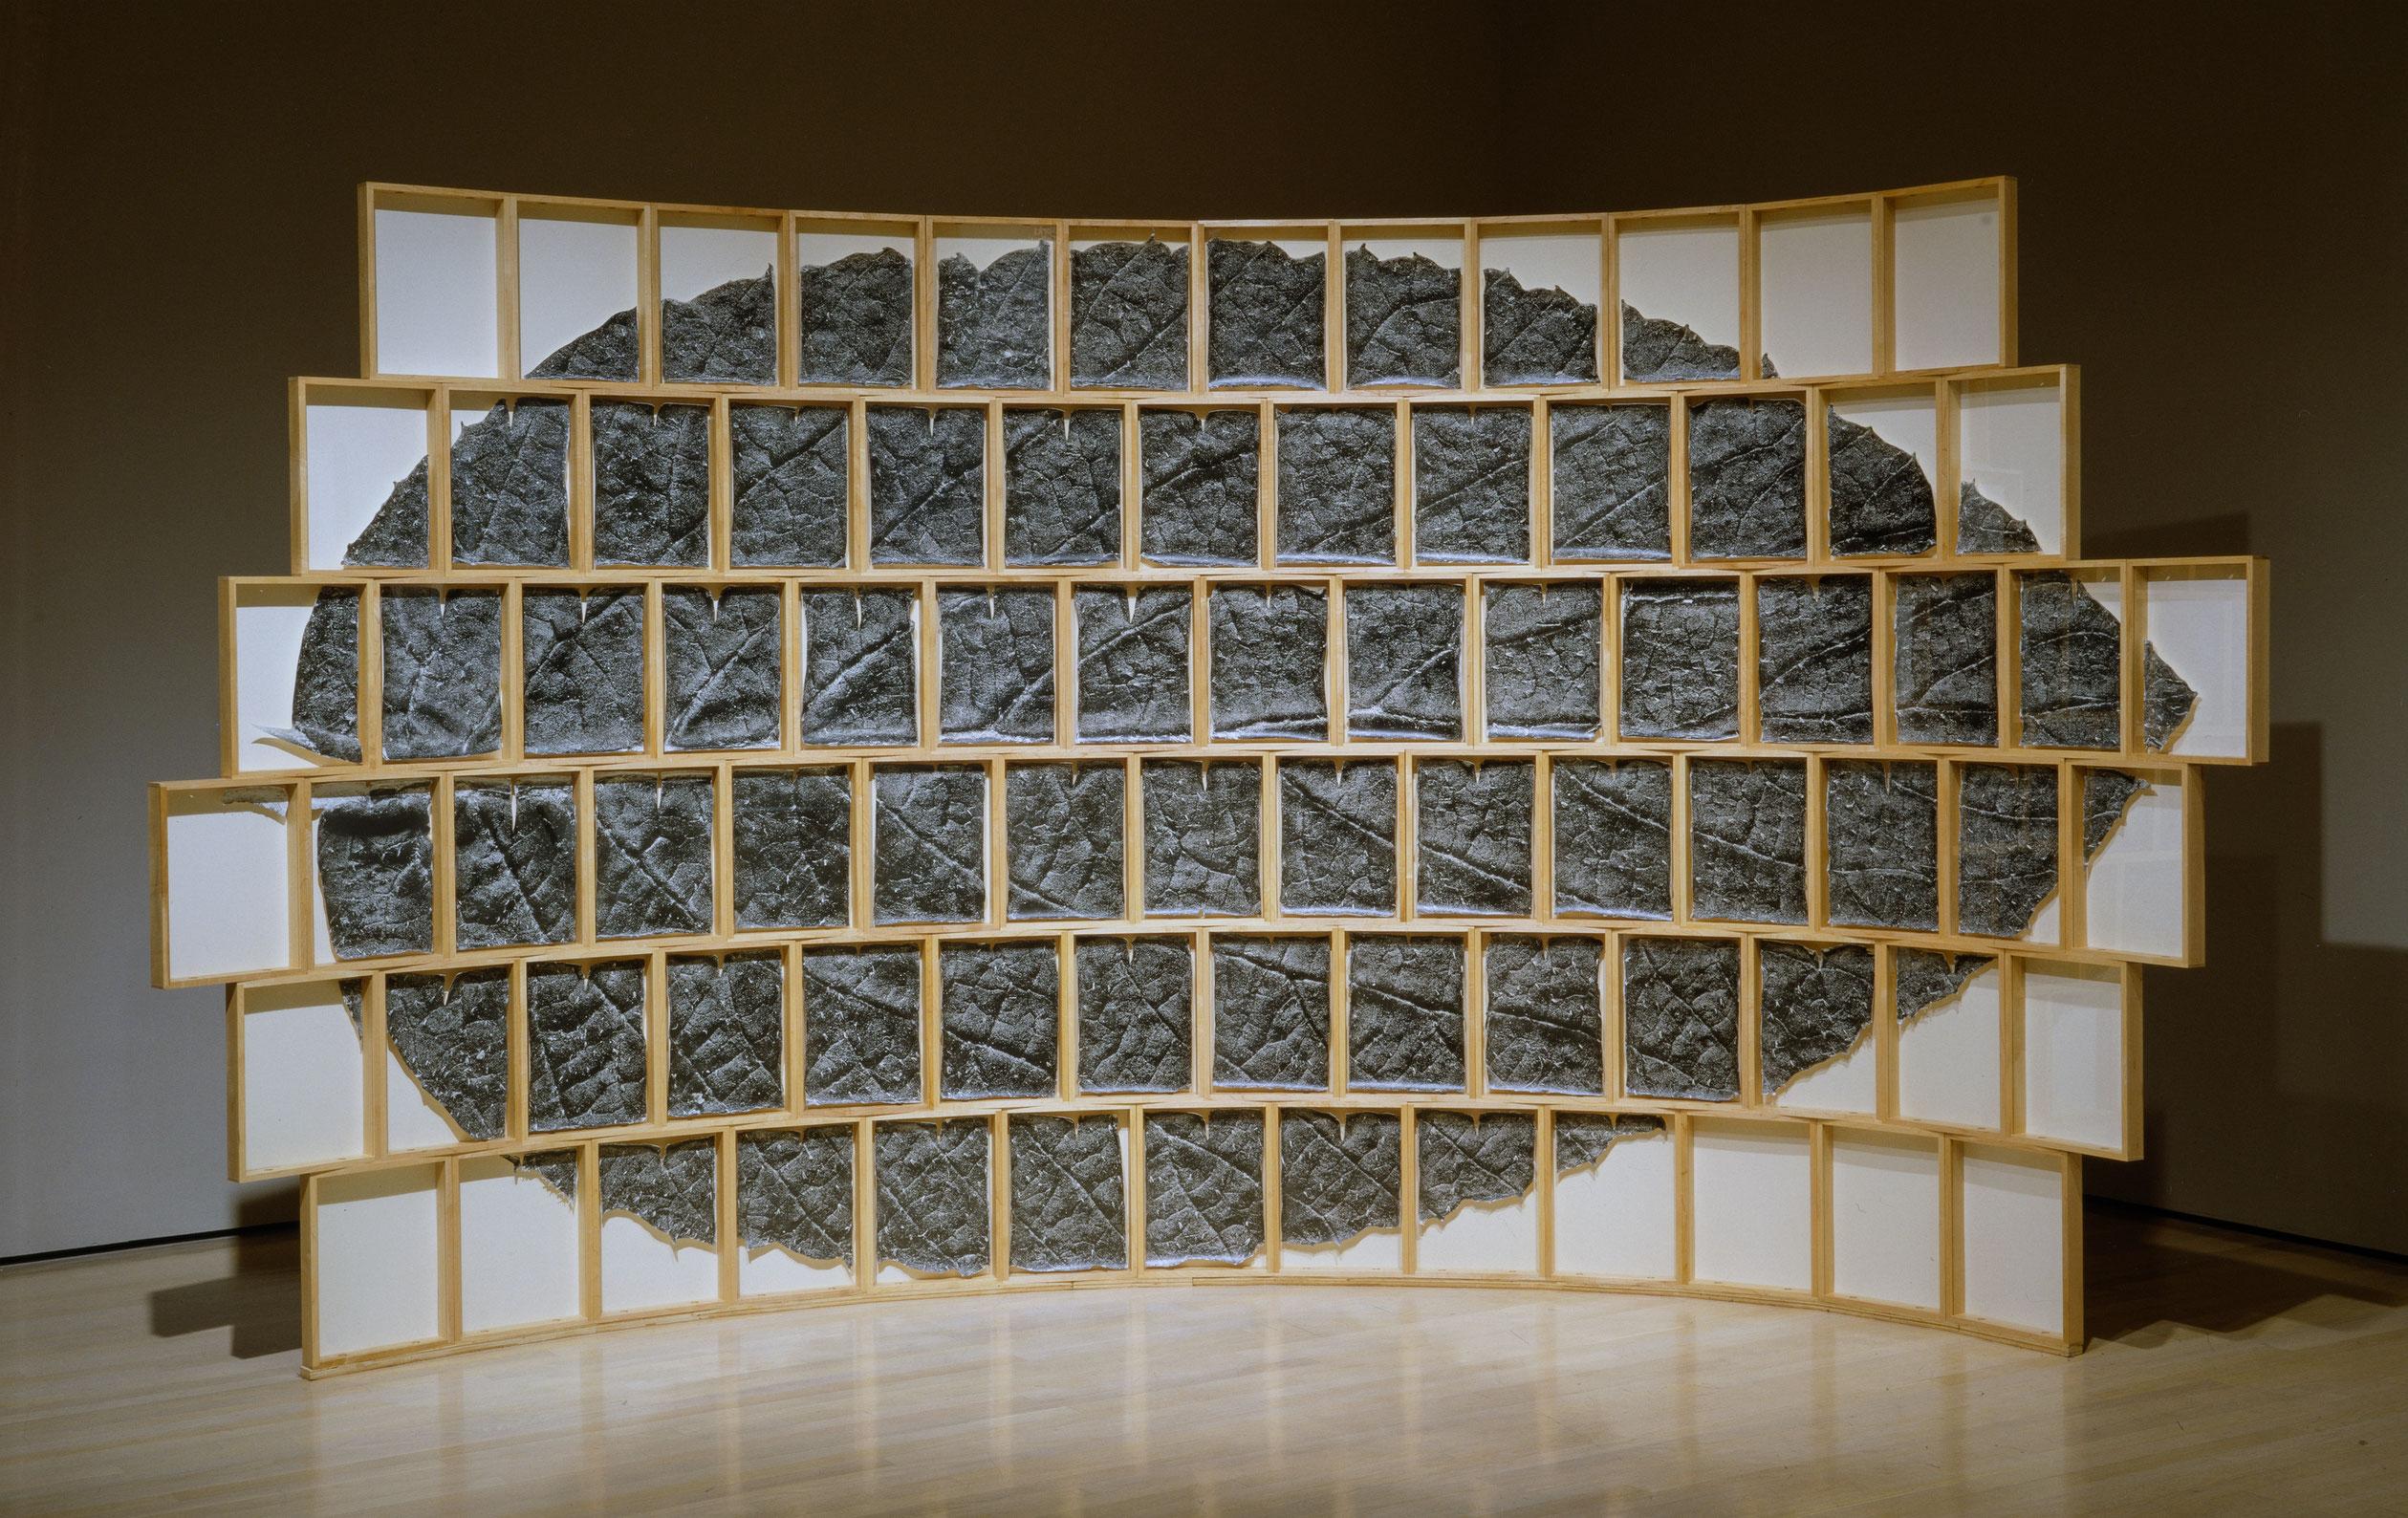 Fragments (de la série «Le Chasseur d'images», 1991 - 1994), 1992, Roberto Pellegrinuzzi, 82 épreuves à la gélatine argentique, 82 cadres de bois et aiguilles, 1/3.